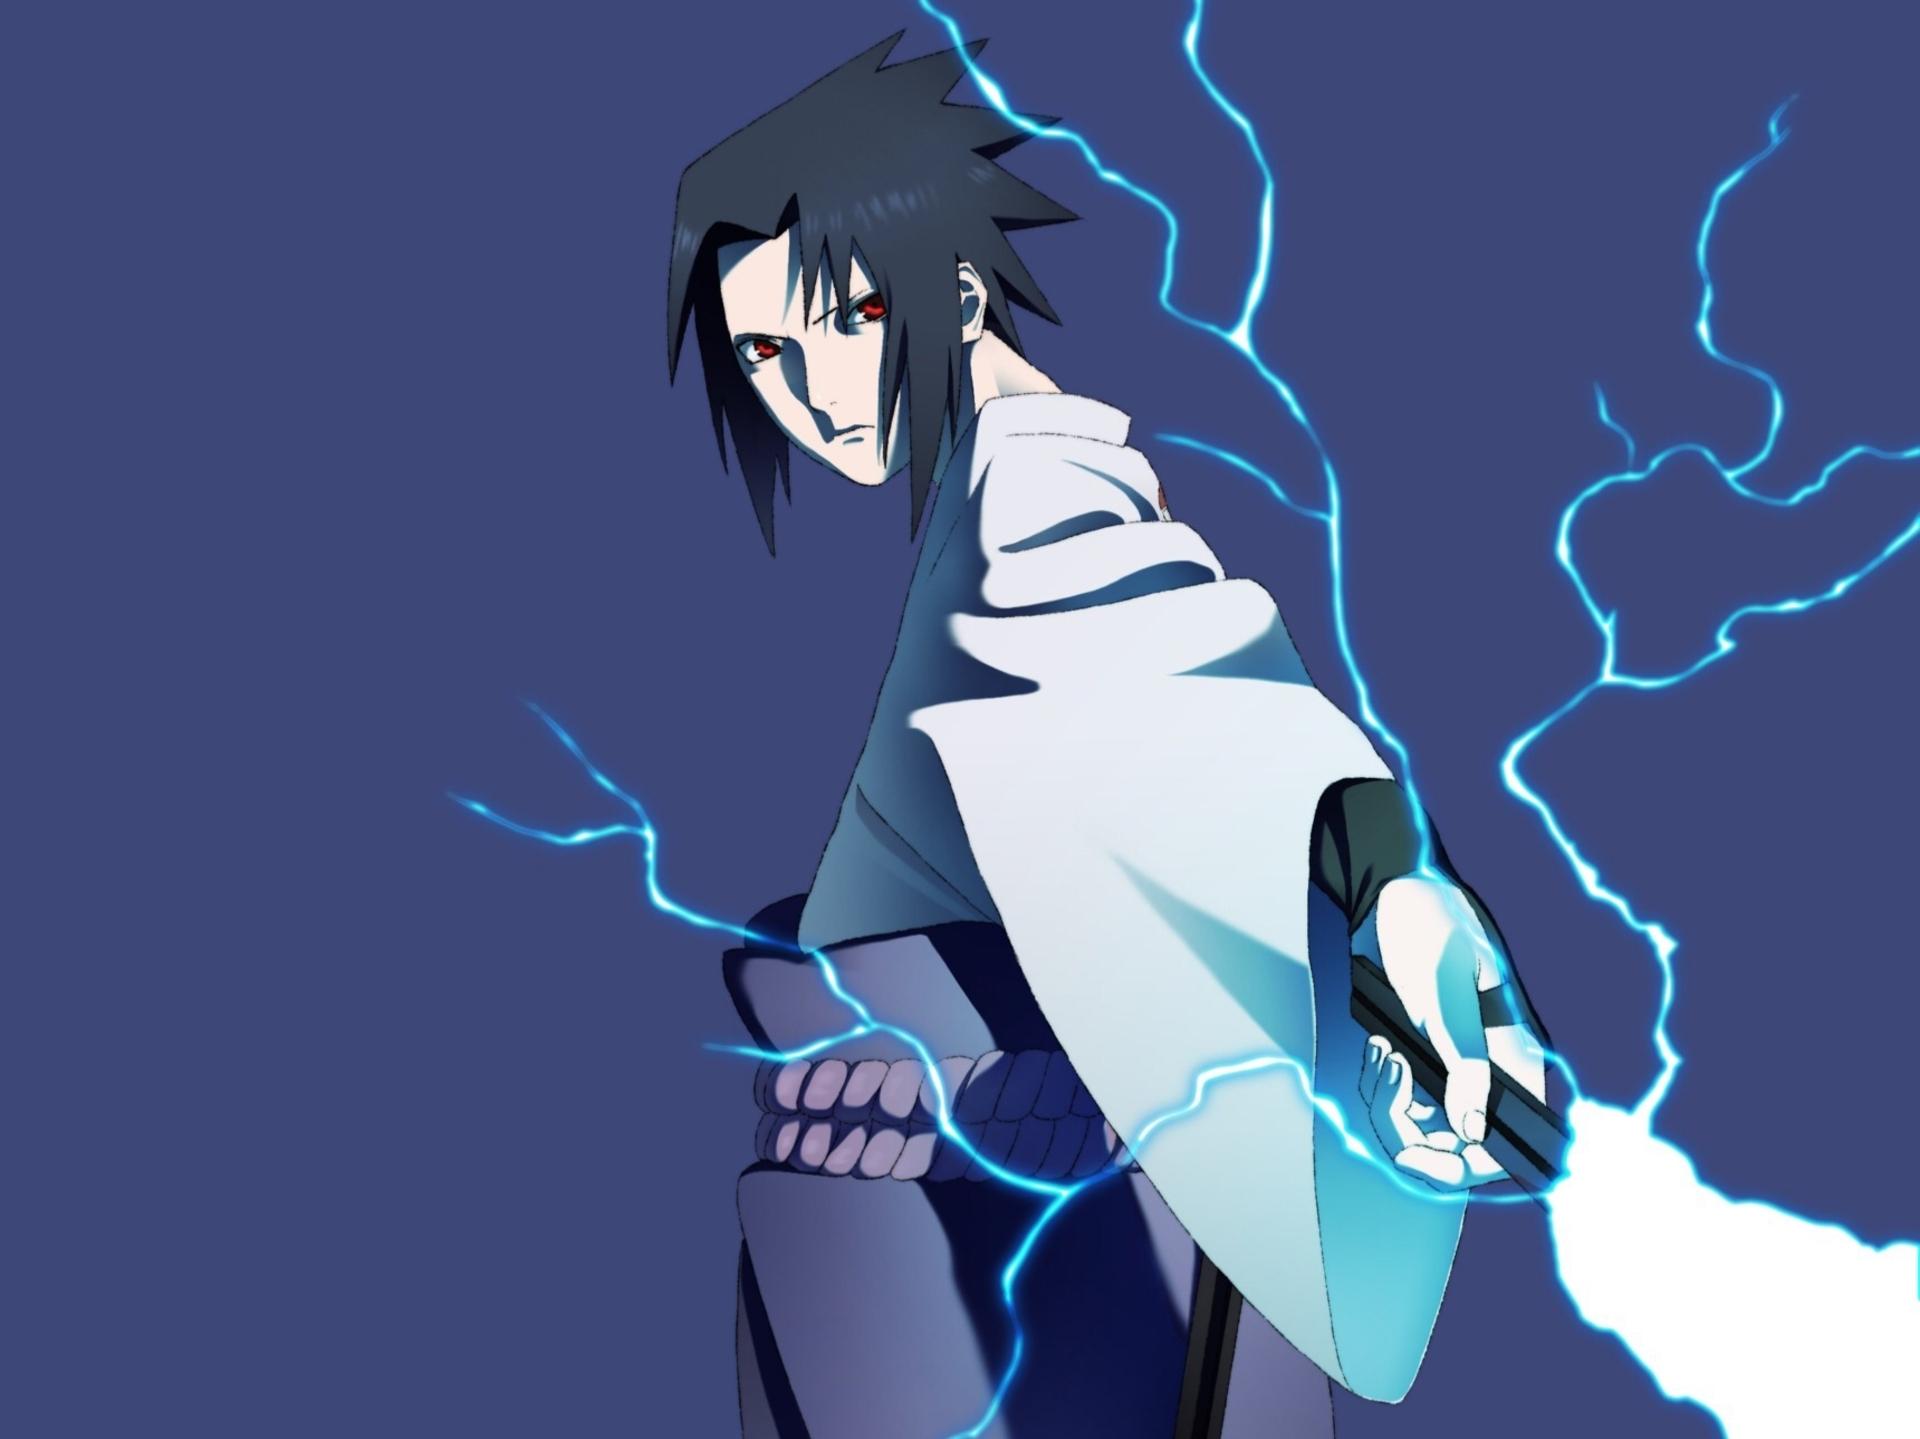 sasuke uchiha anime